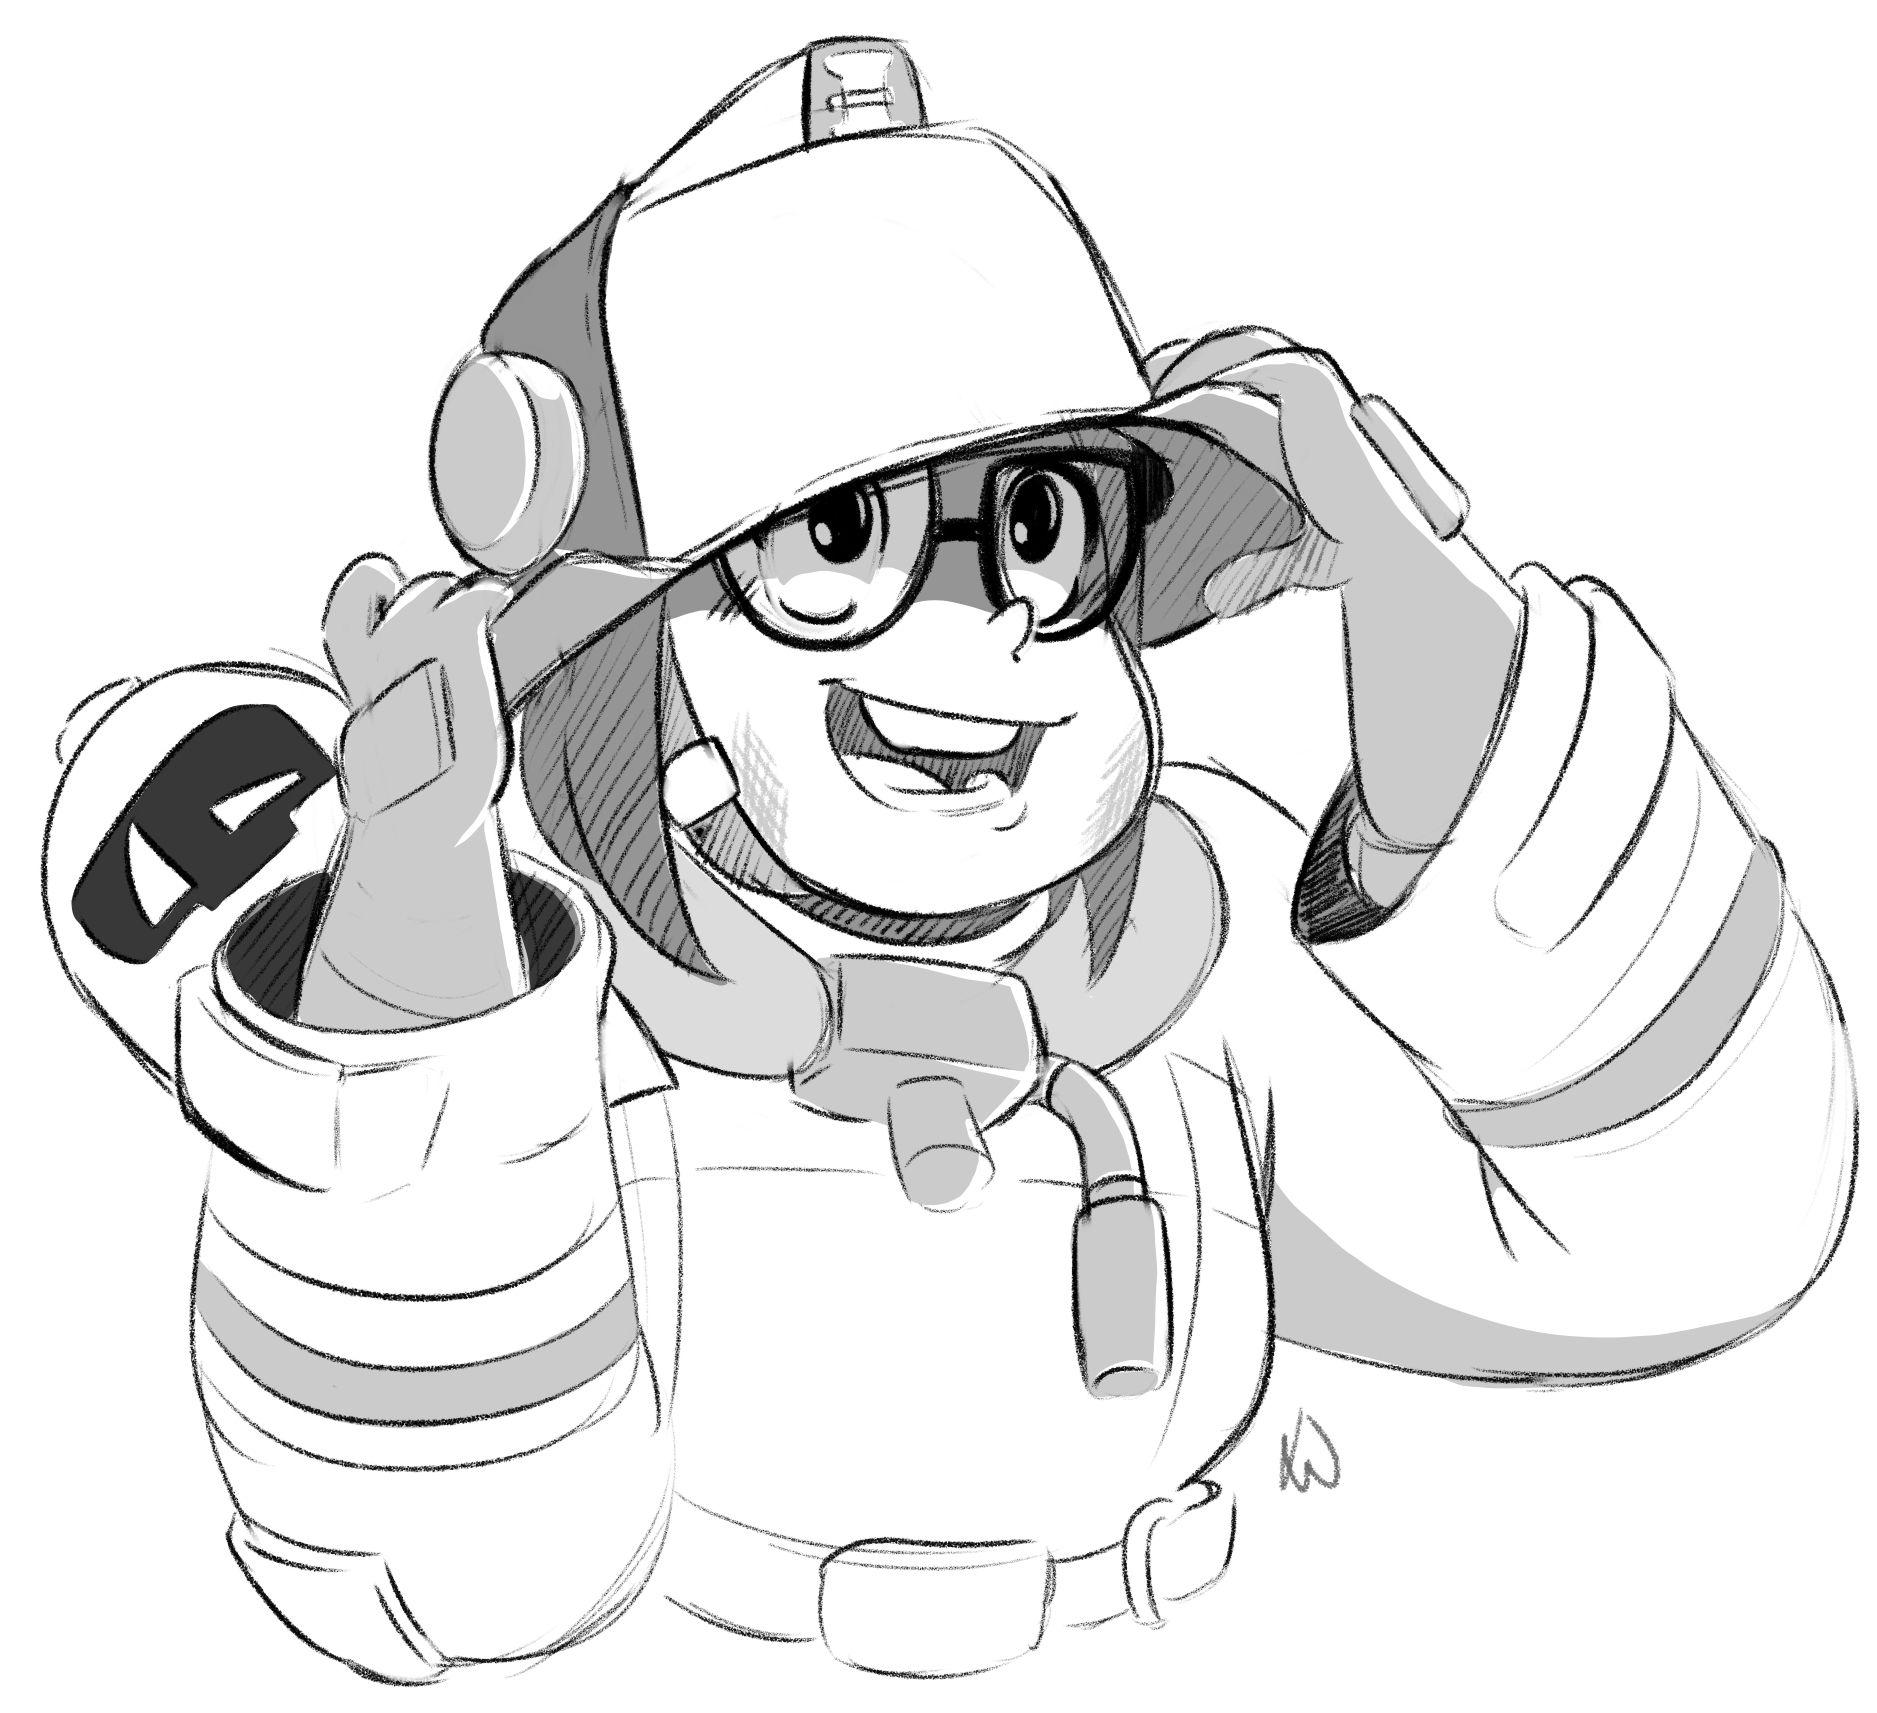 Firefighter Mei D My arts, Zelda characters, Art